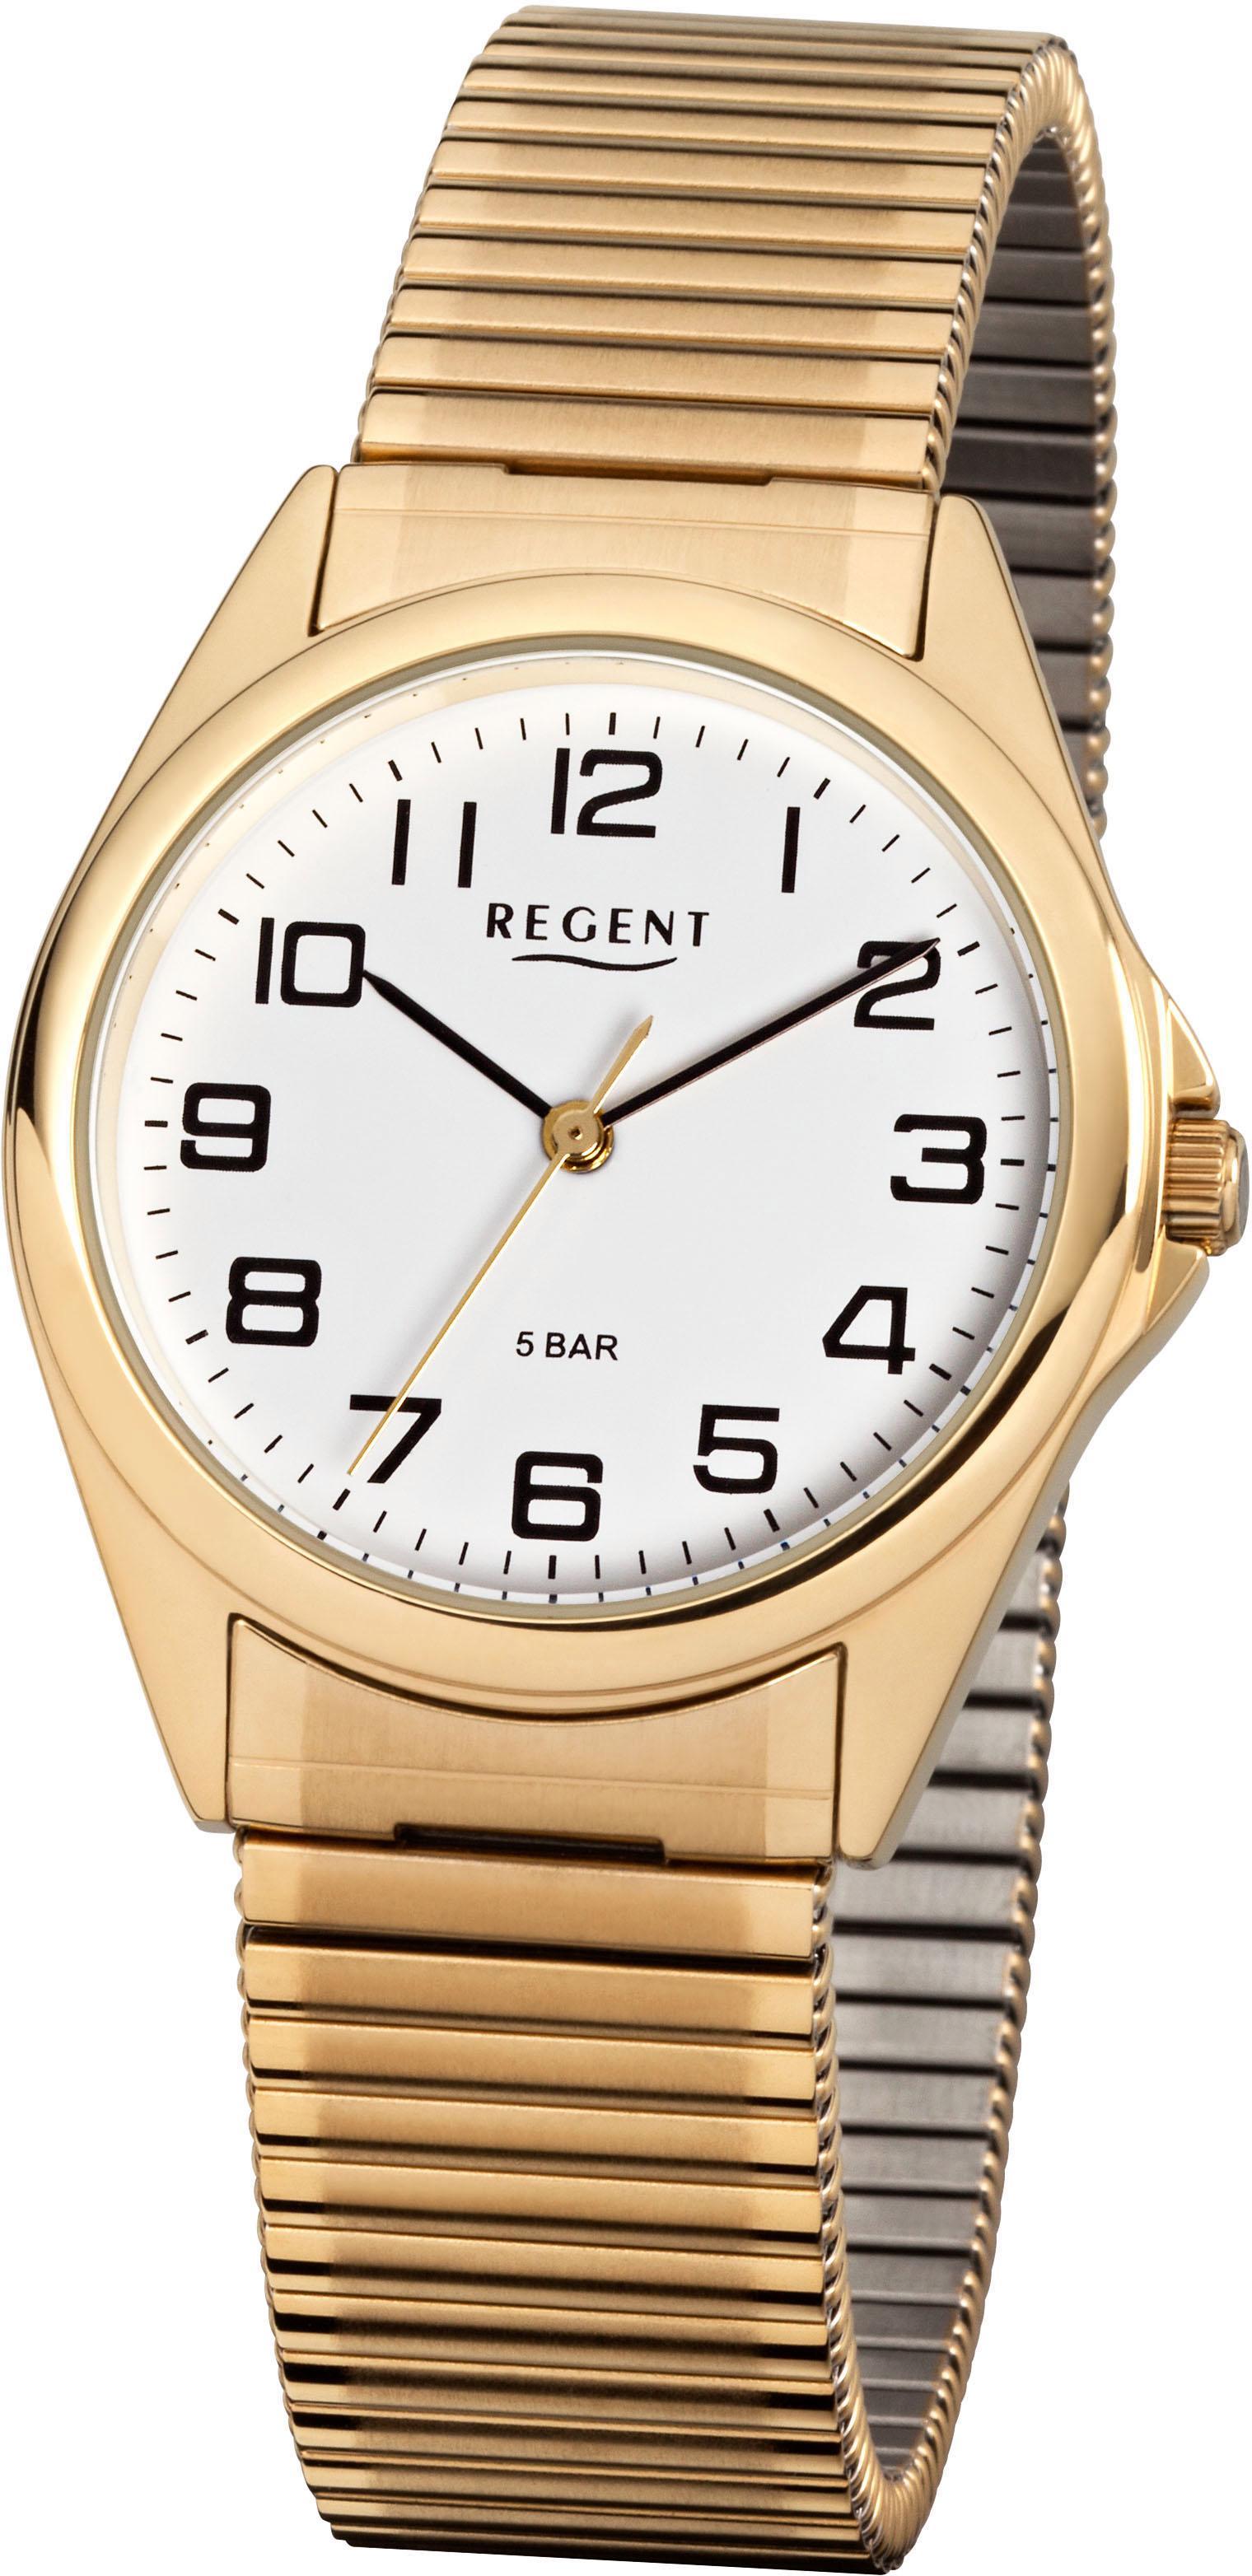 Regent Quarzuhr 11964599 | Uhren > Quarzuhren | Goldfarben | Regent